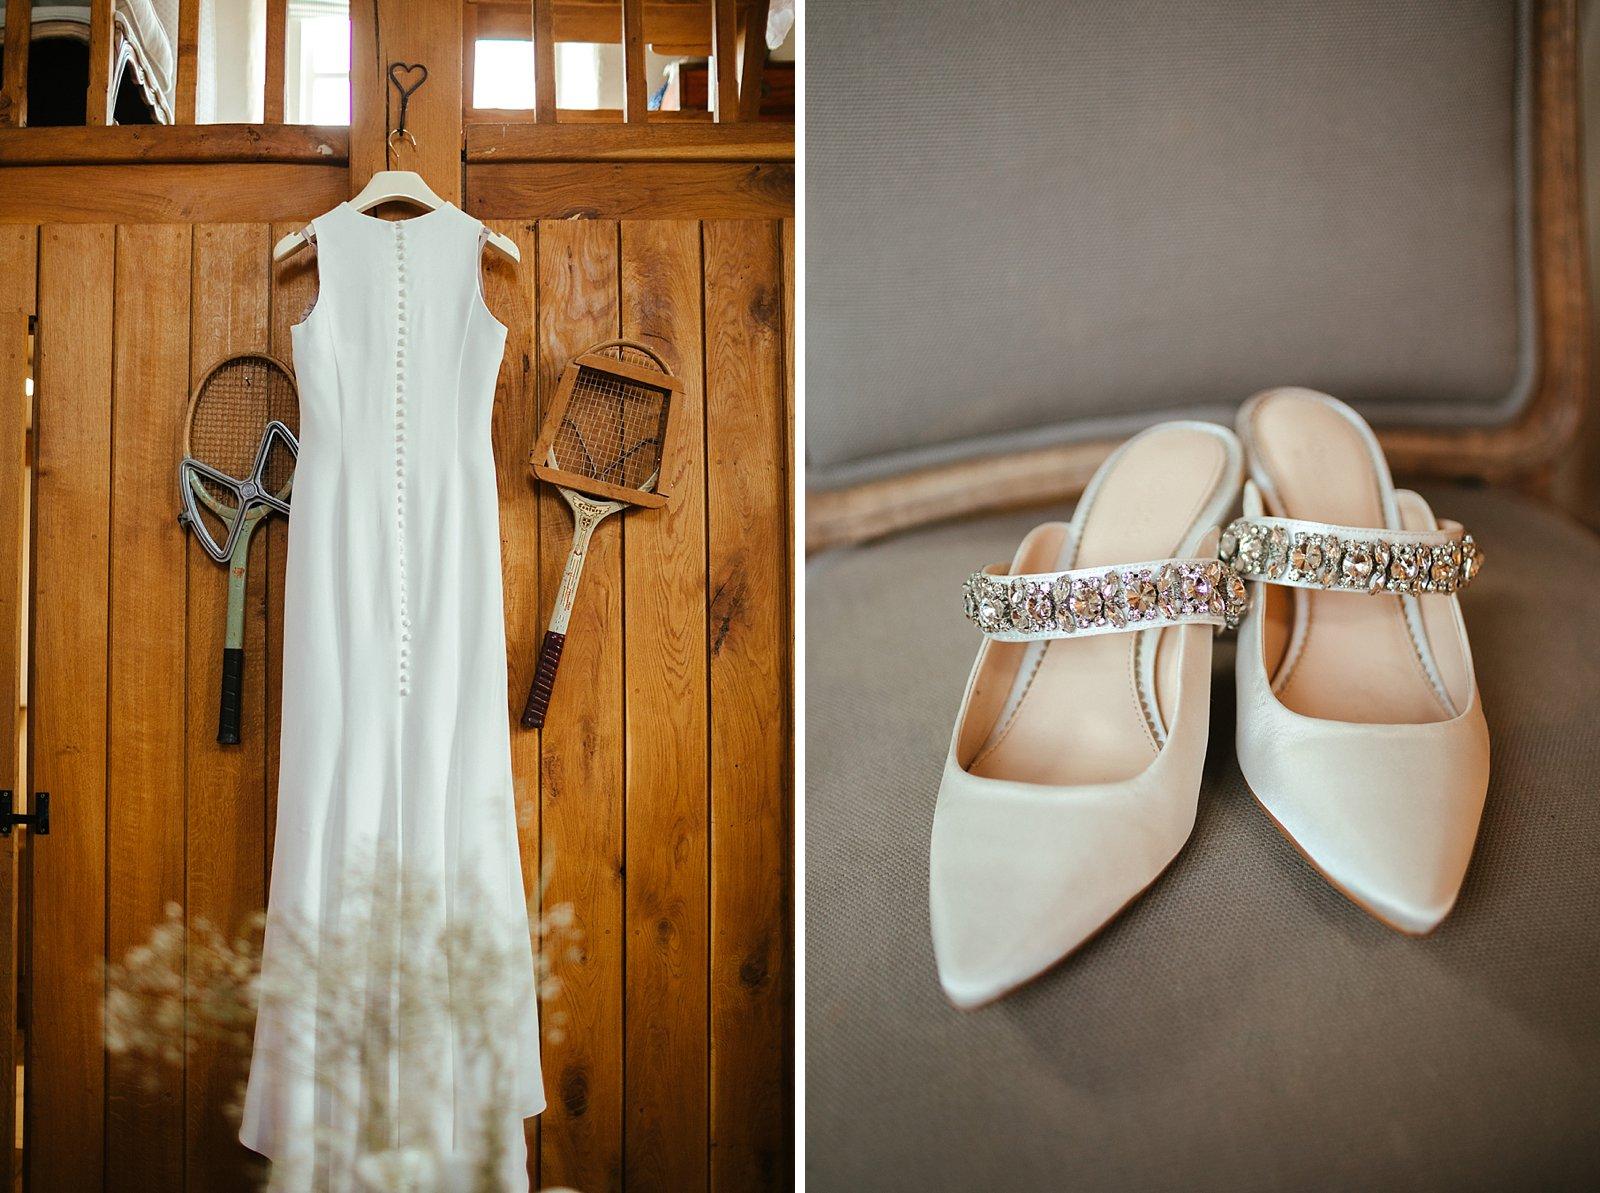 Merriscourt wedding day preparations